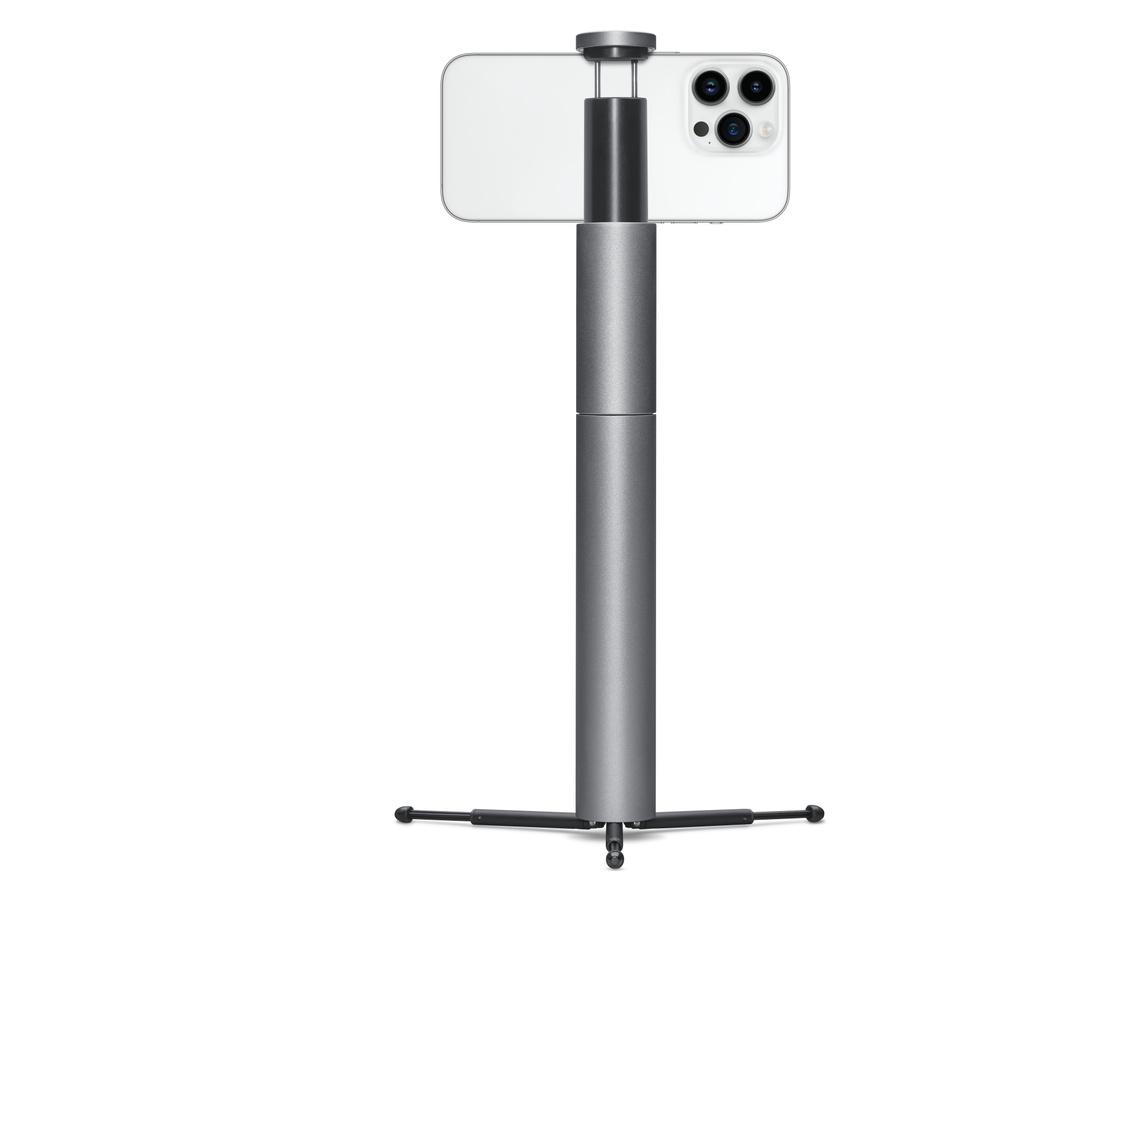 3cd1d21187e36c CliqueFie MAX Selfie Stick with Tripod - Space Gray - Apple (HK)